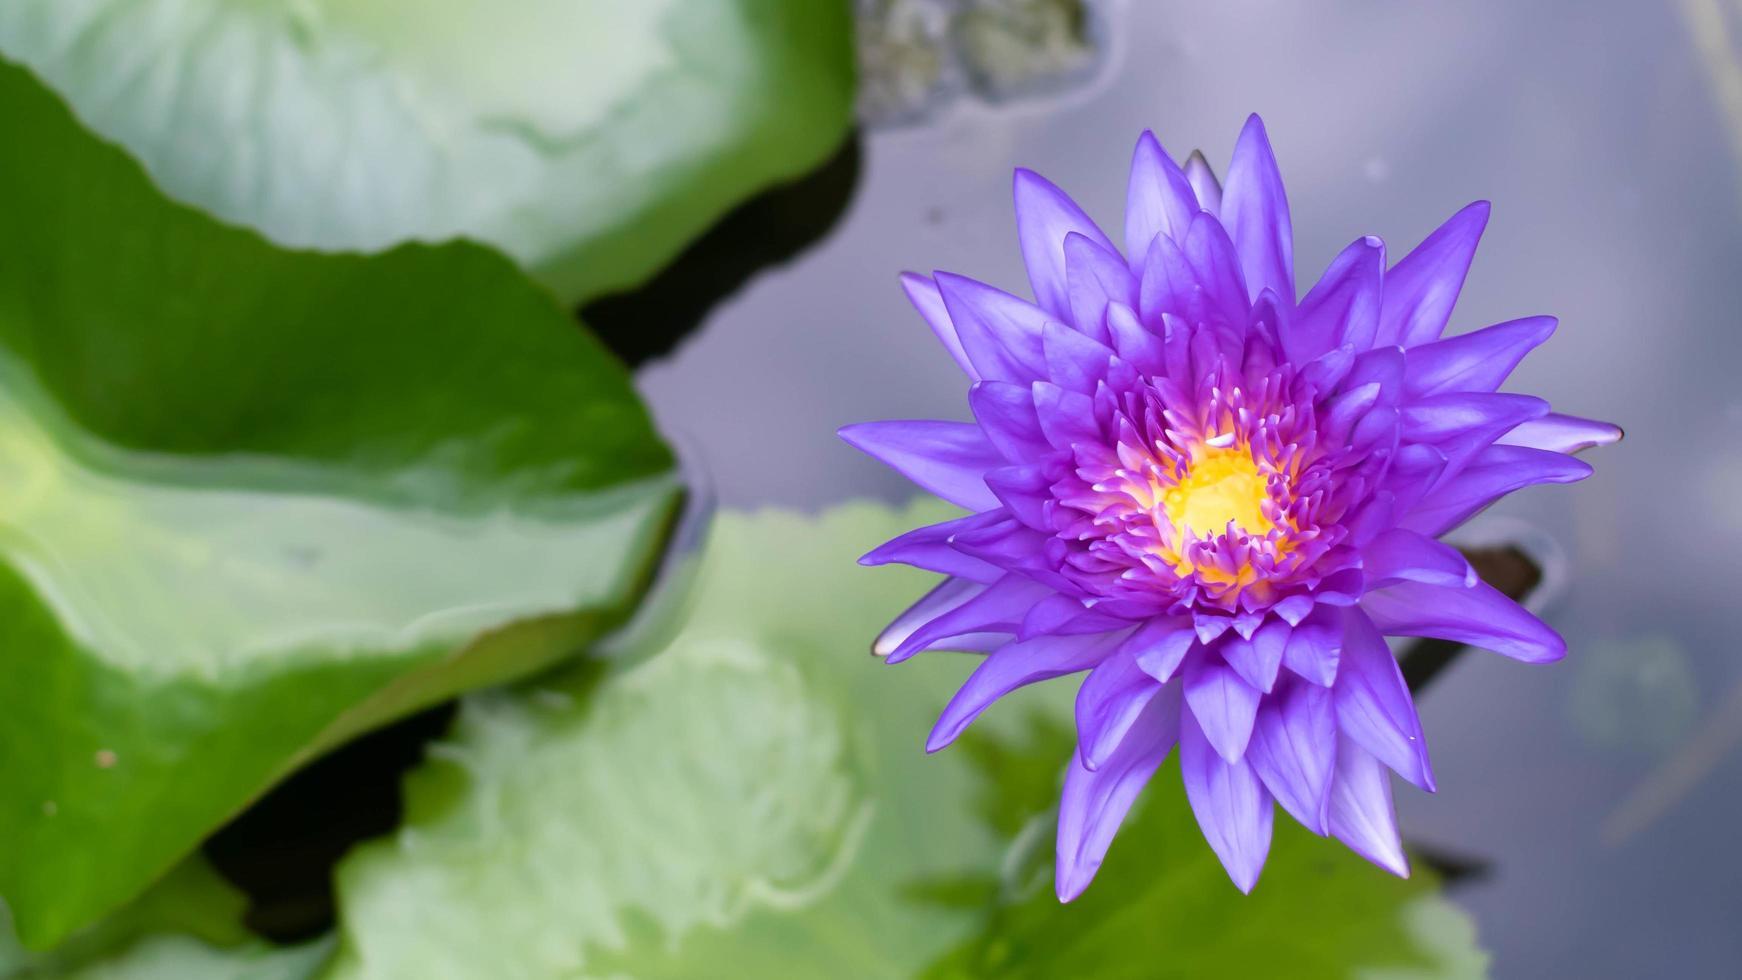 fiore di loto viola in uno stagno foto